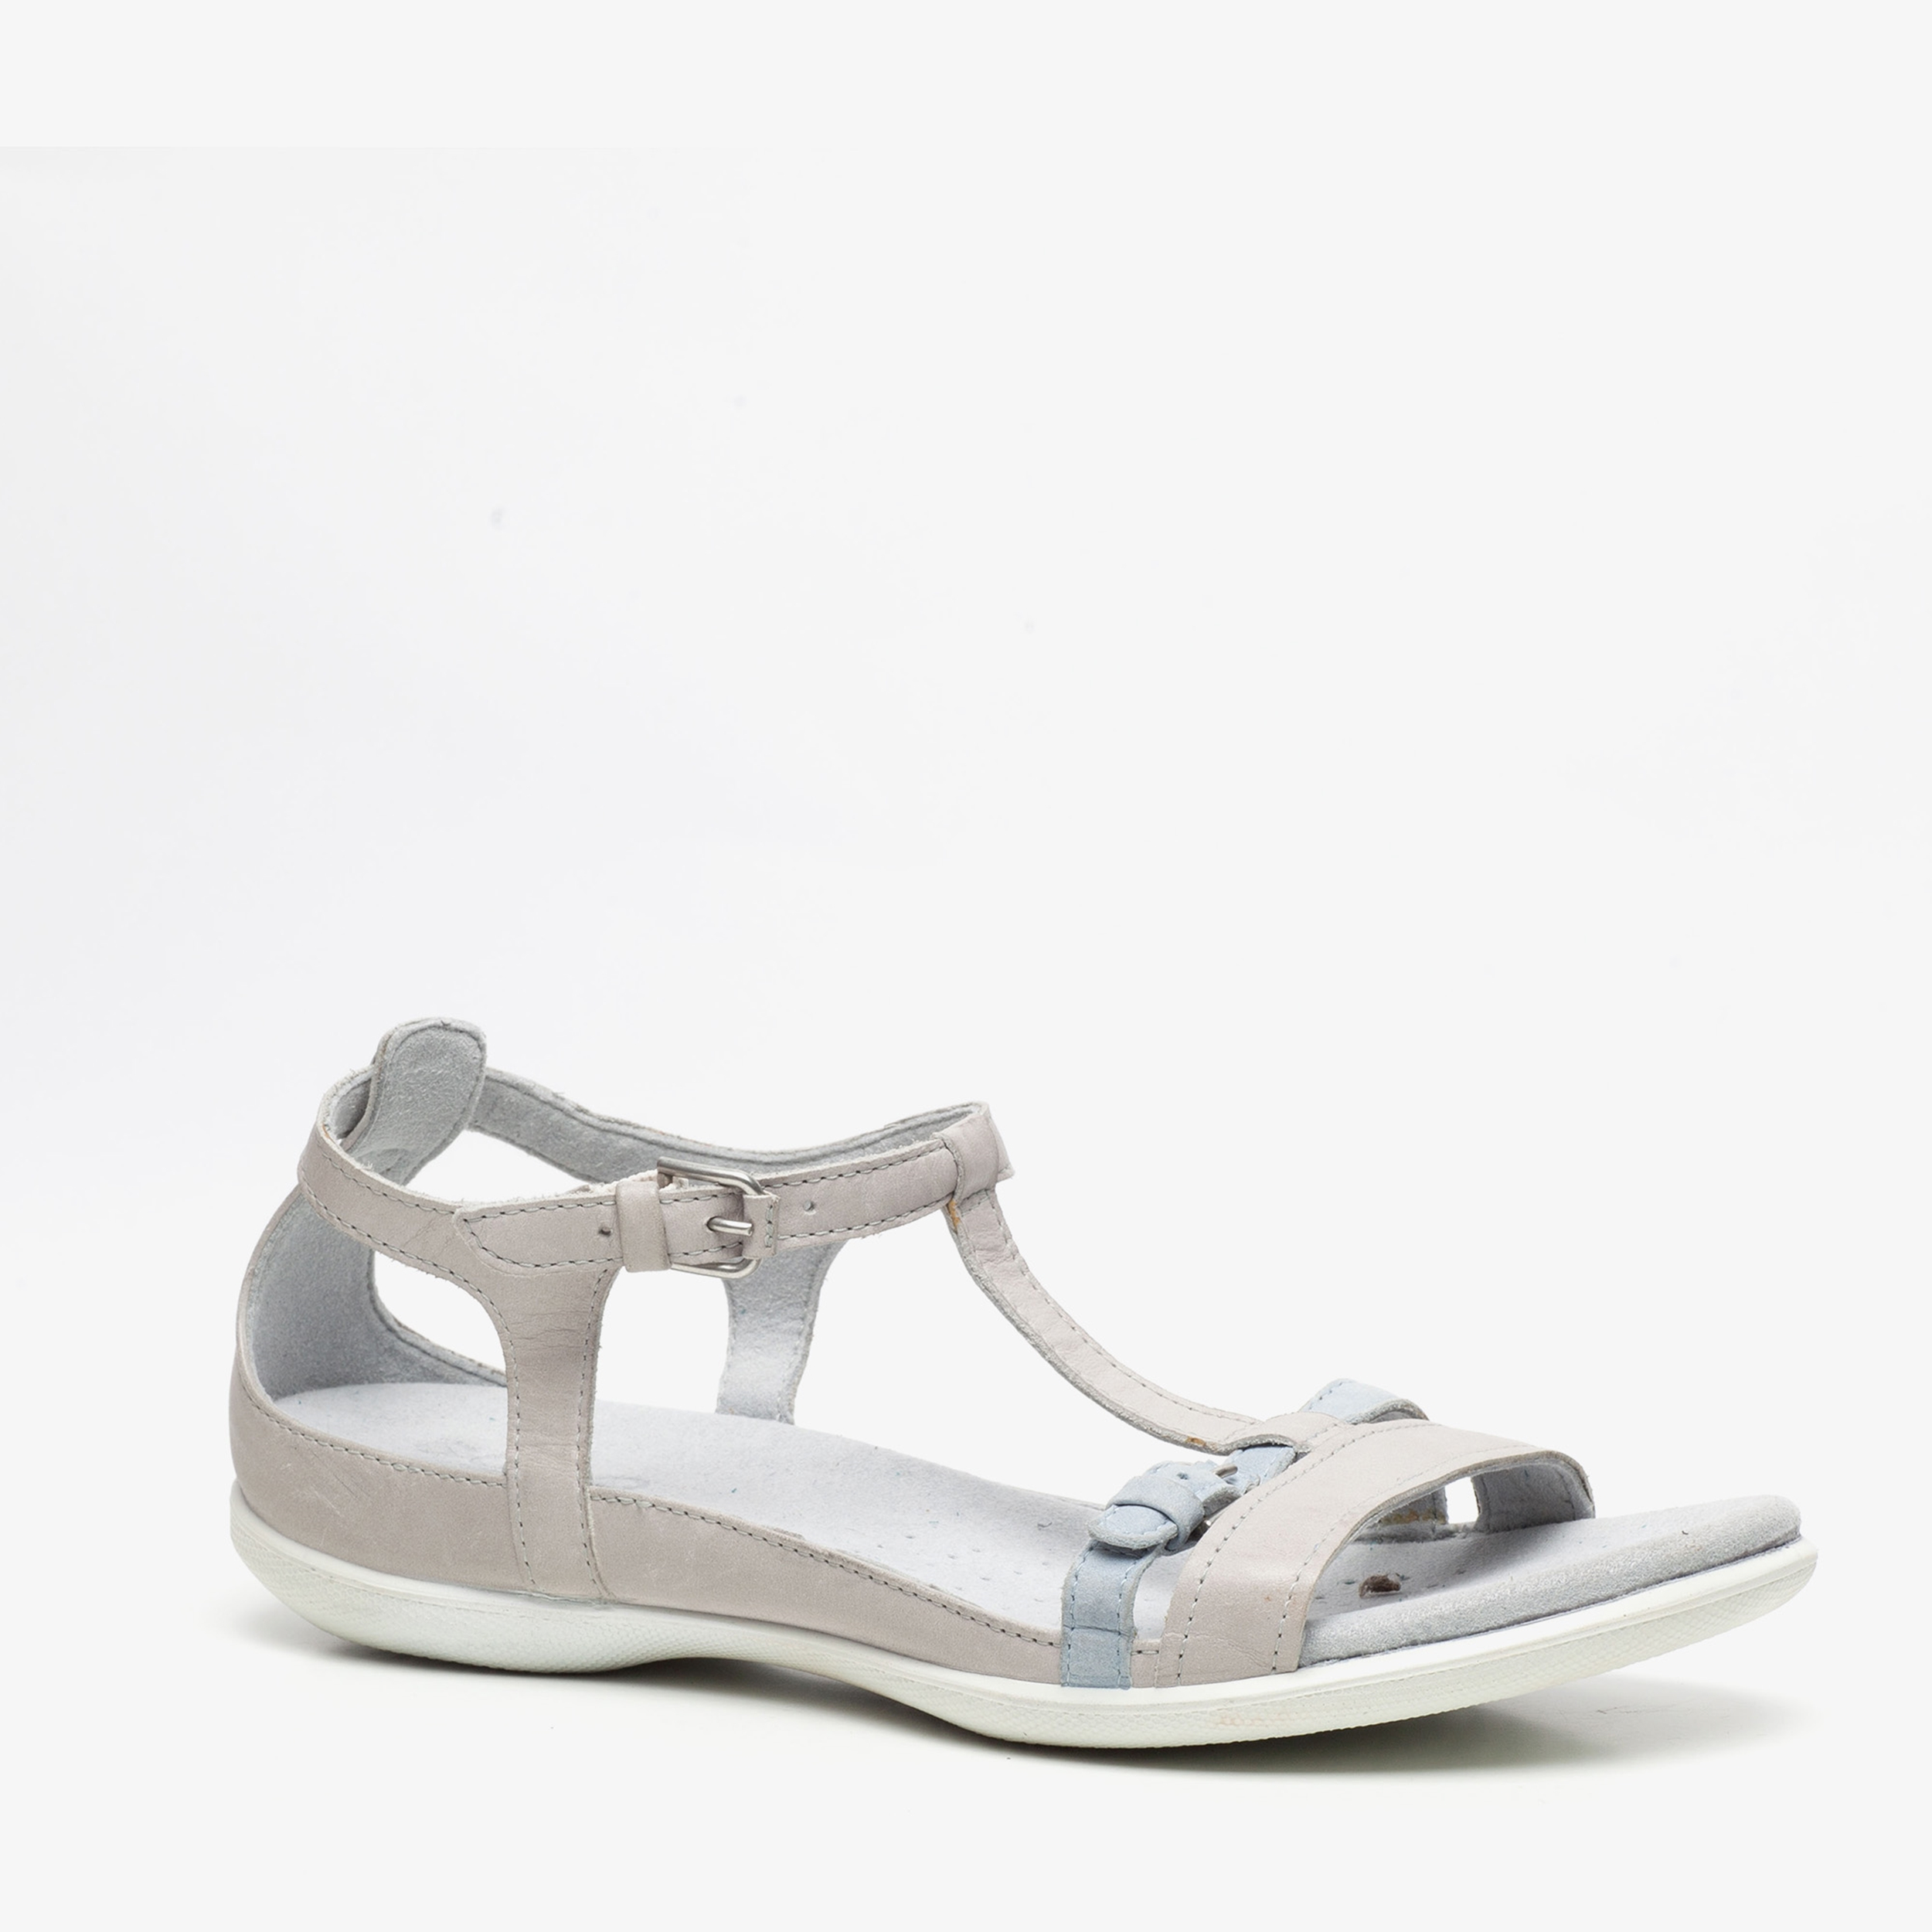 ECCO Summer leren dames sandalen online bestellen | Scapino